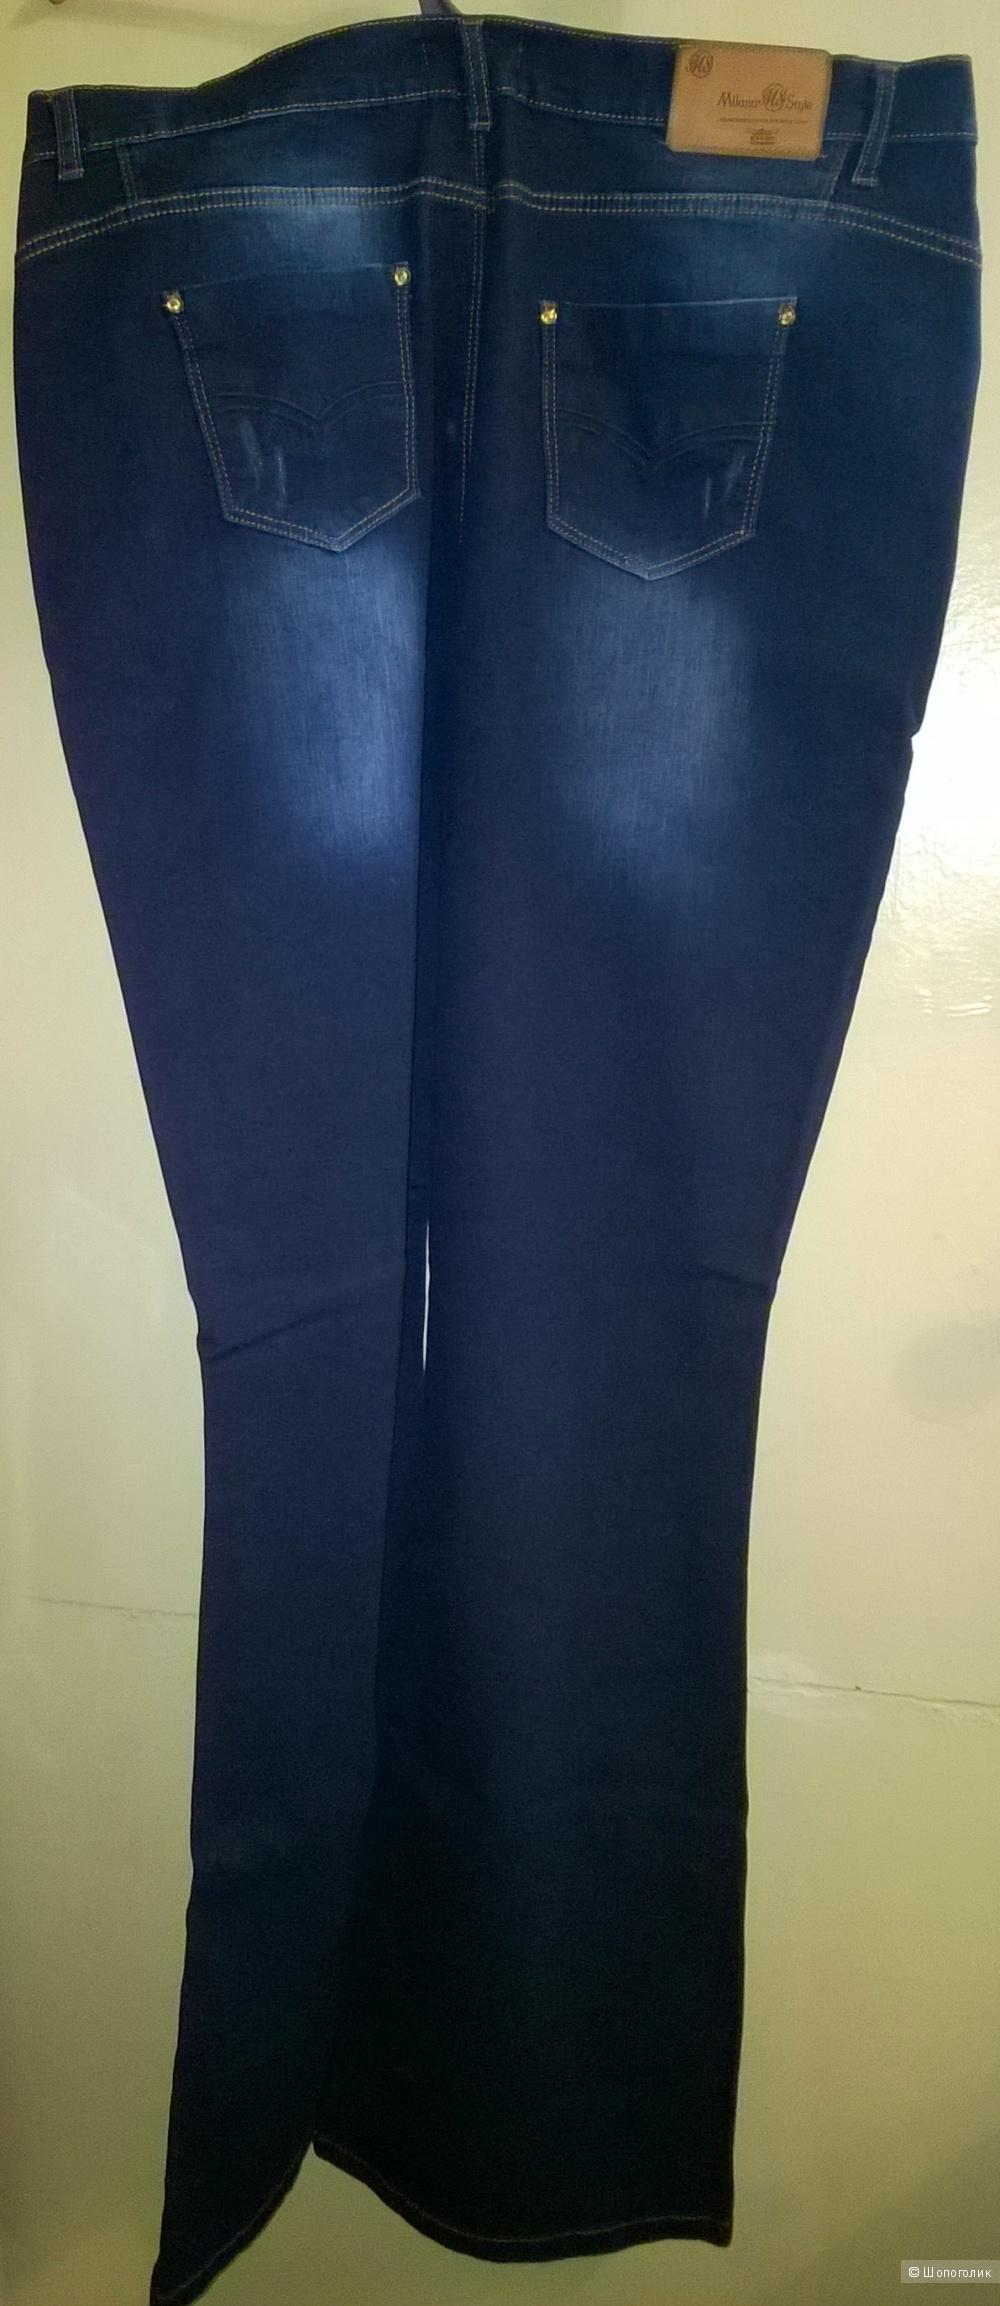 Джинсы Milana Style большого 58-60 размера